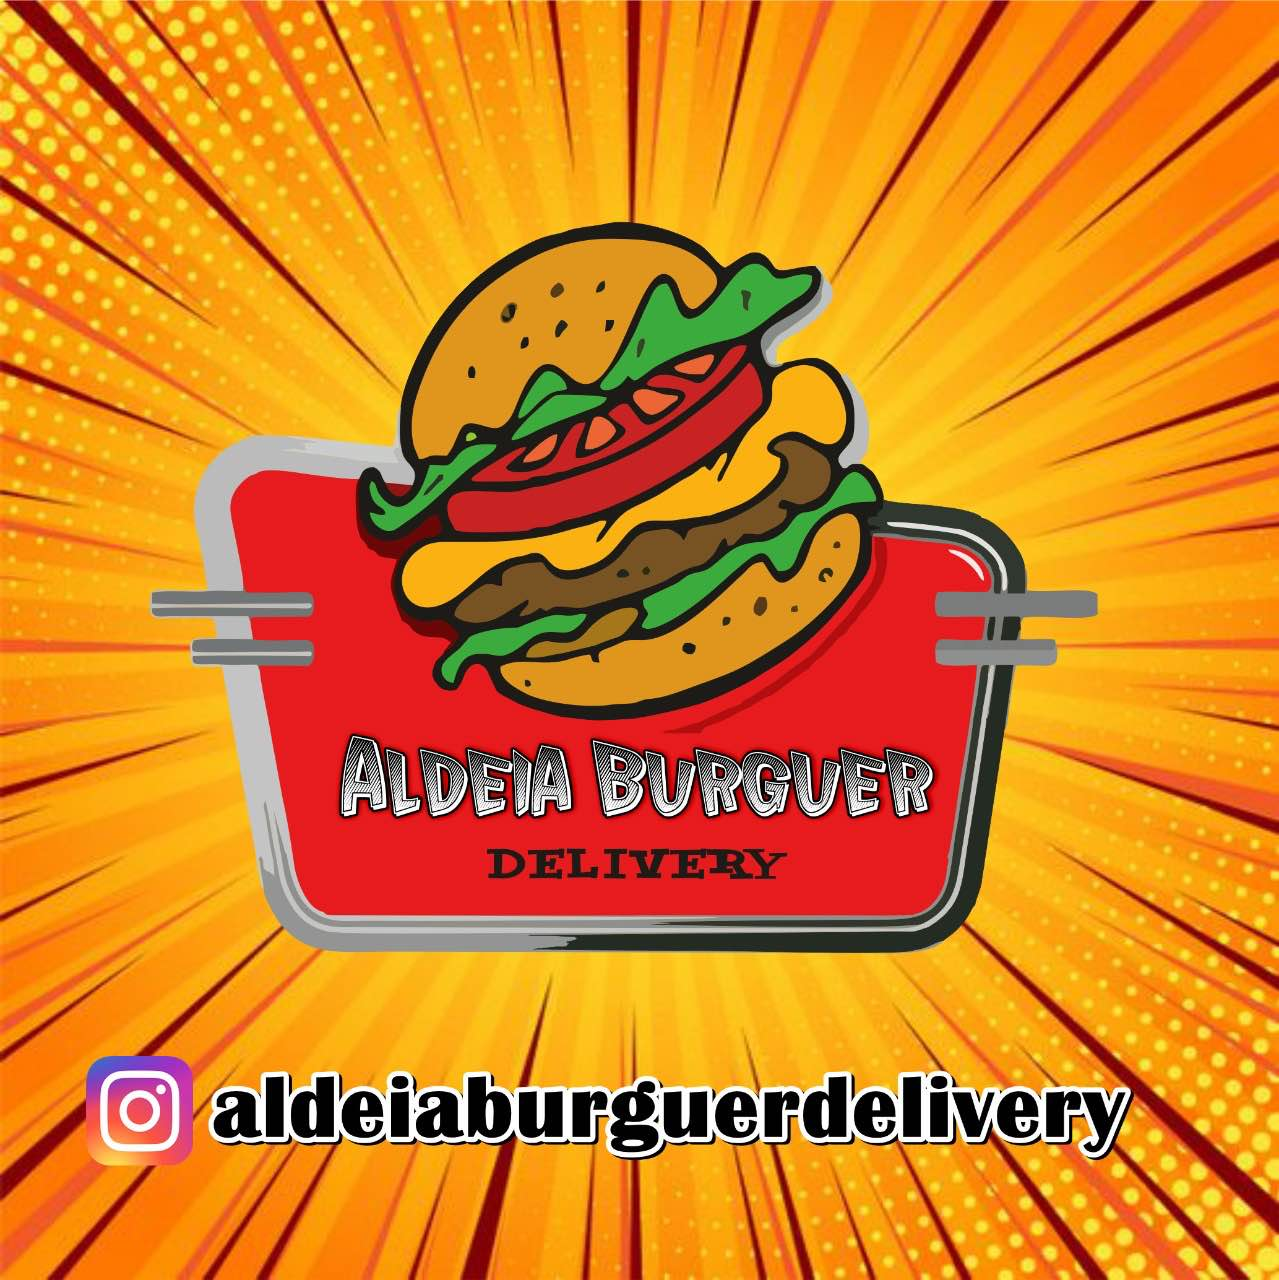 Aldeiaburguerdelivery